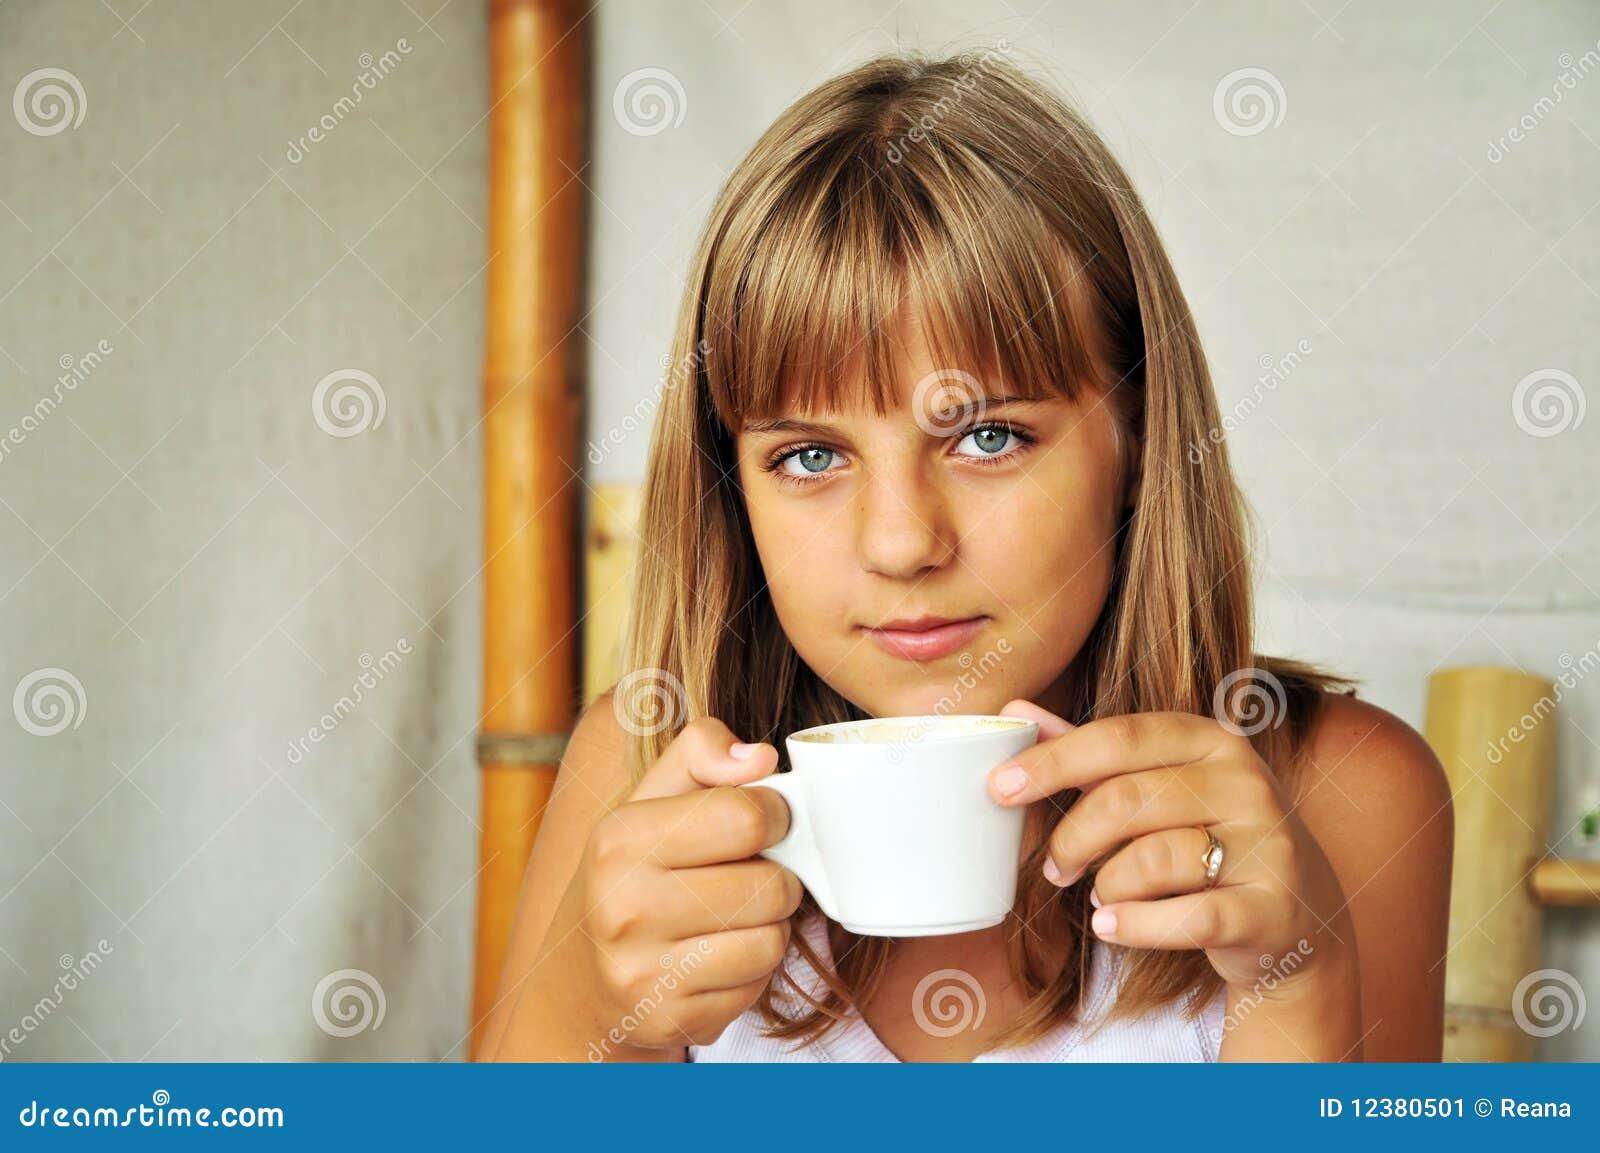 Teen Cup 66